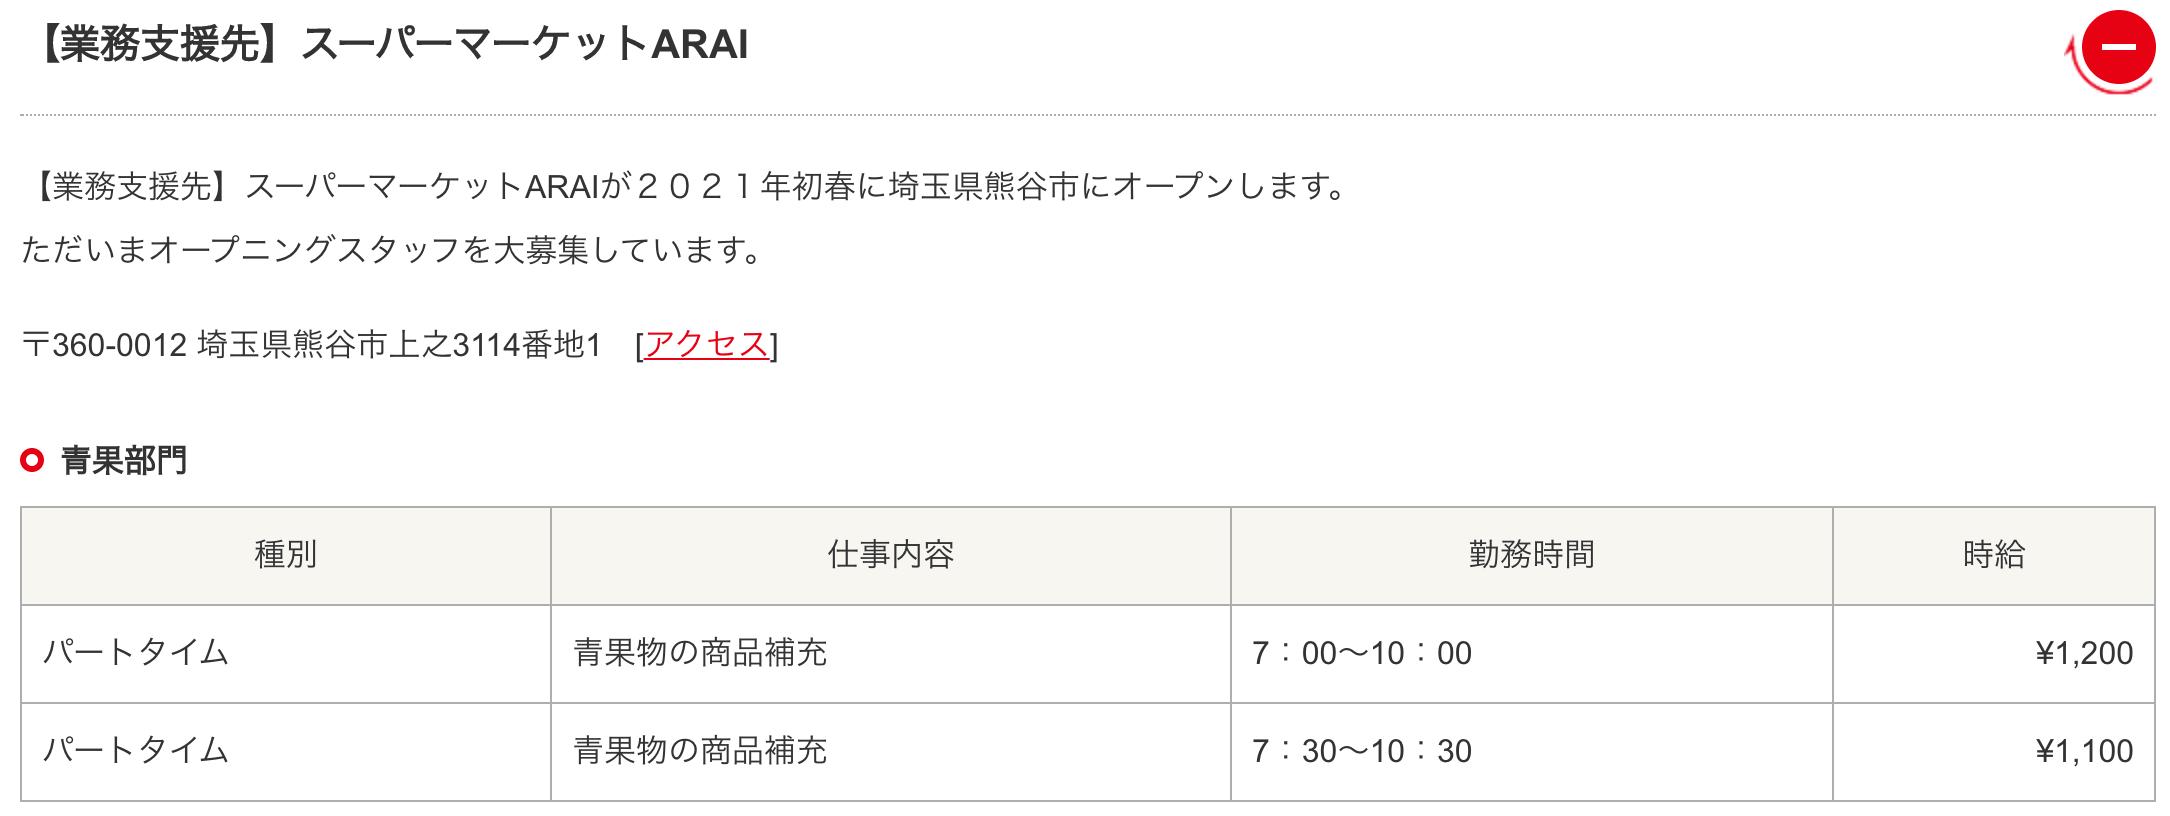 熊谷 スーパー アライ